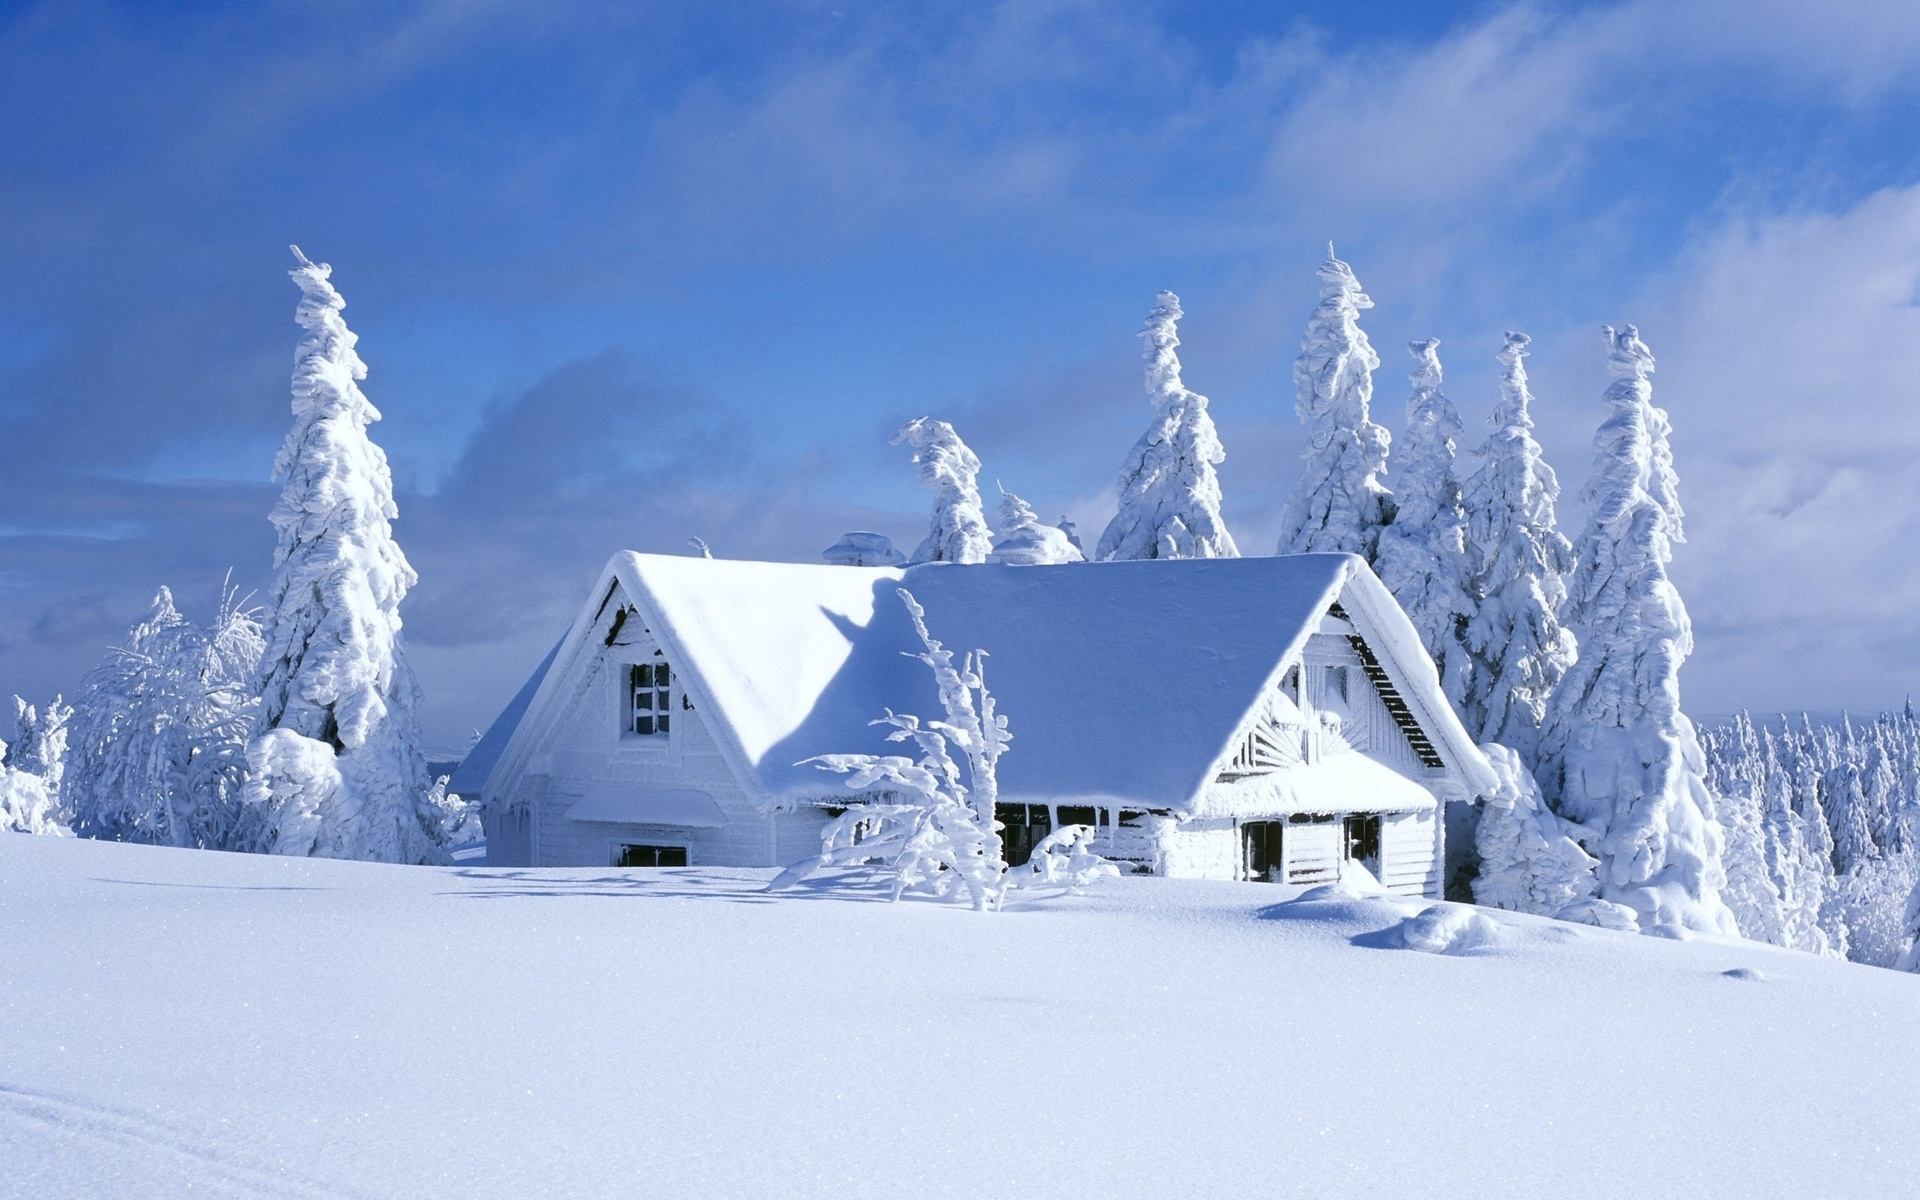 Открытка молодому, картинки с зимой